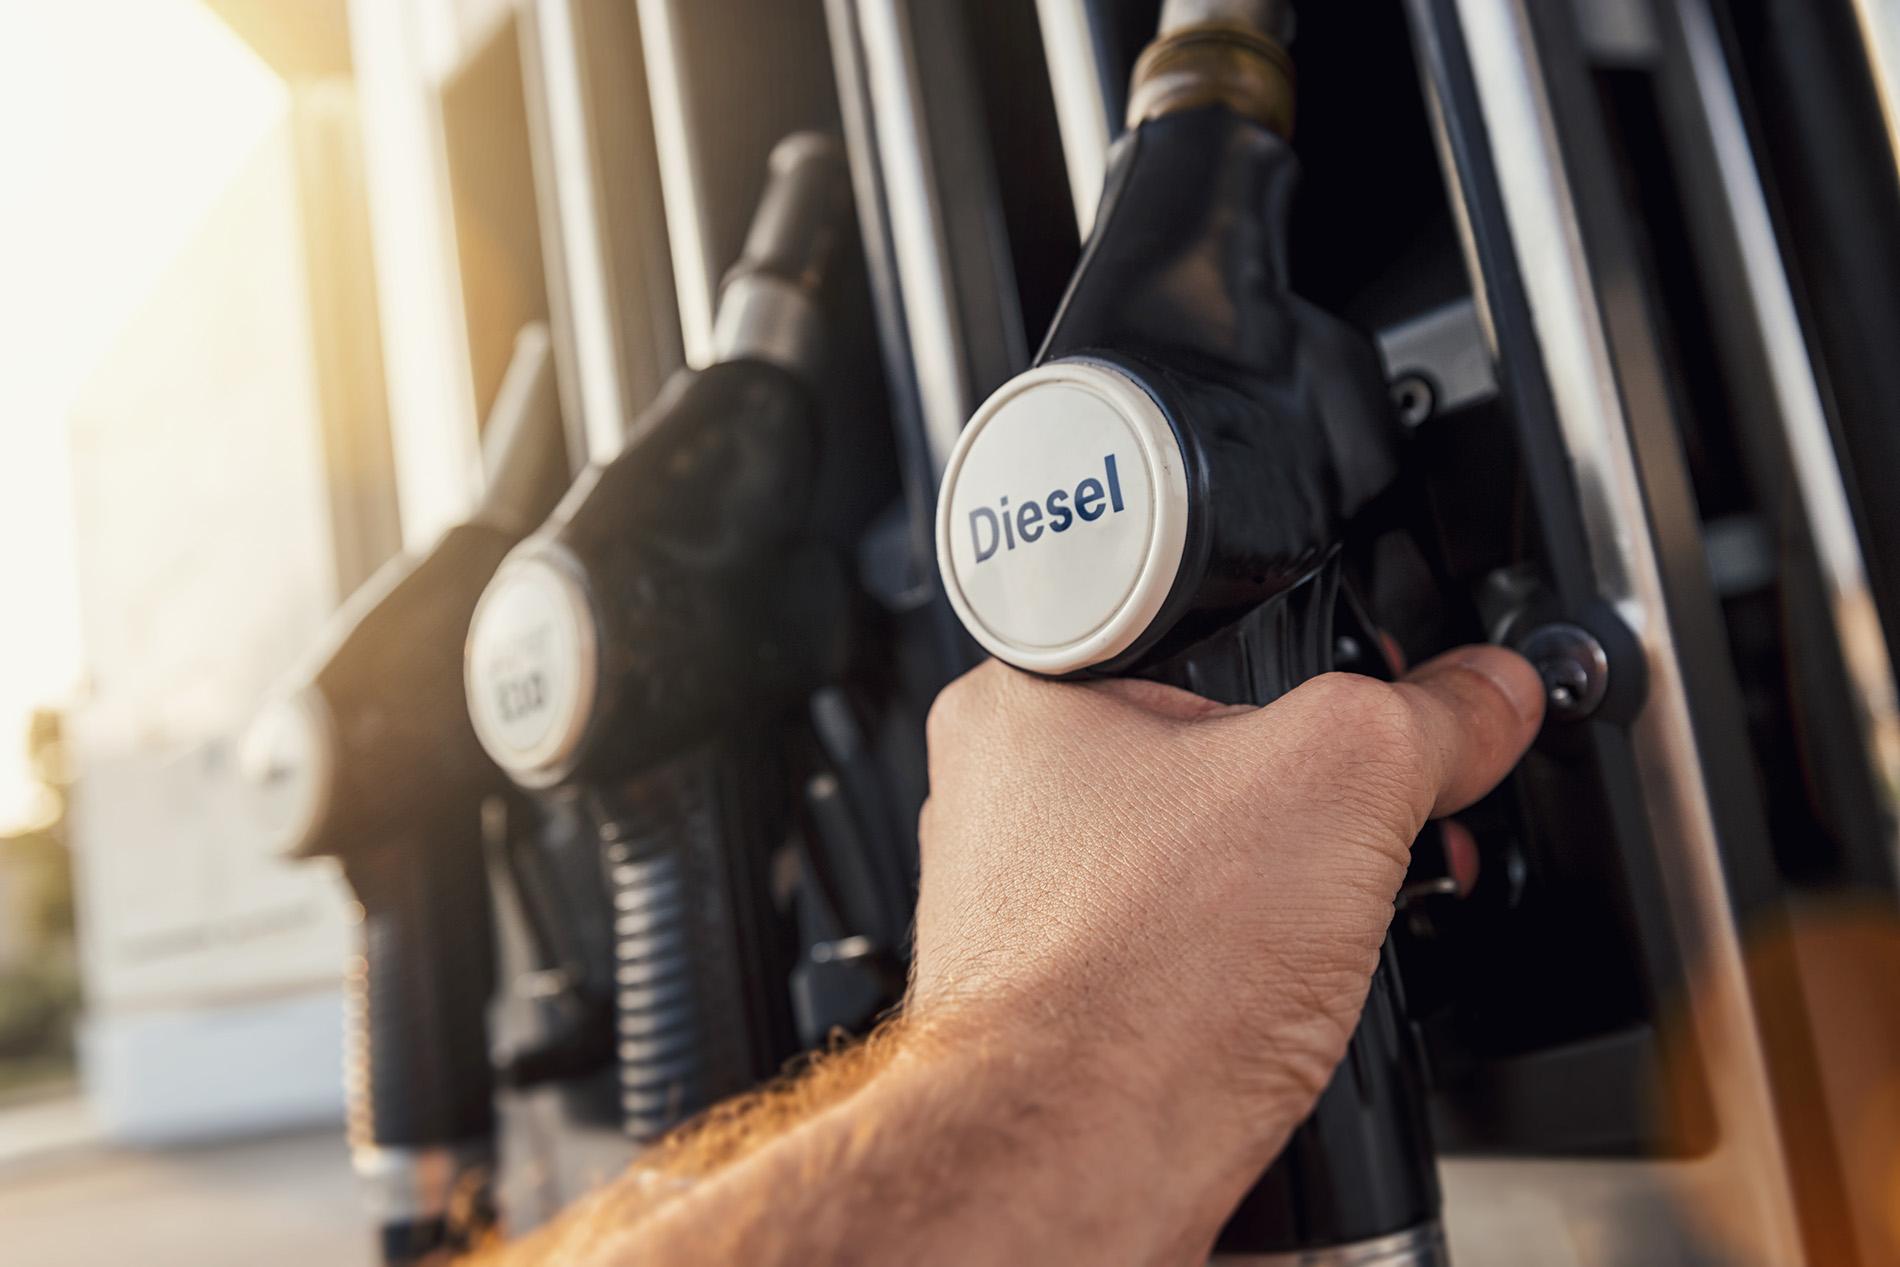 Дизель на бирже побил исторический рекорд: Как теперь изменятся цены на бензин, стоимость продуктов и товаров